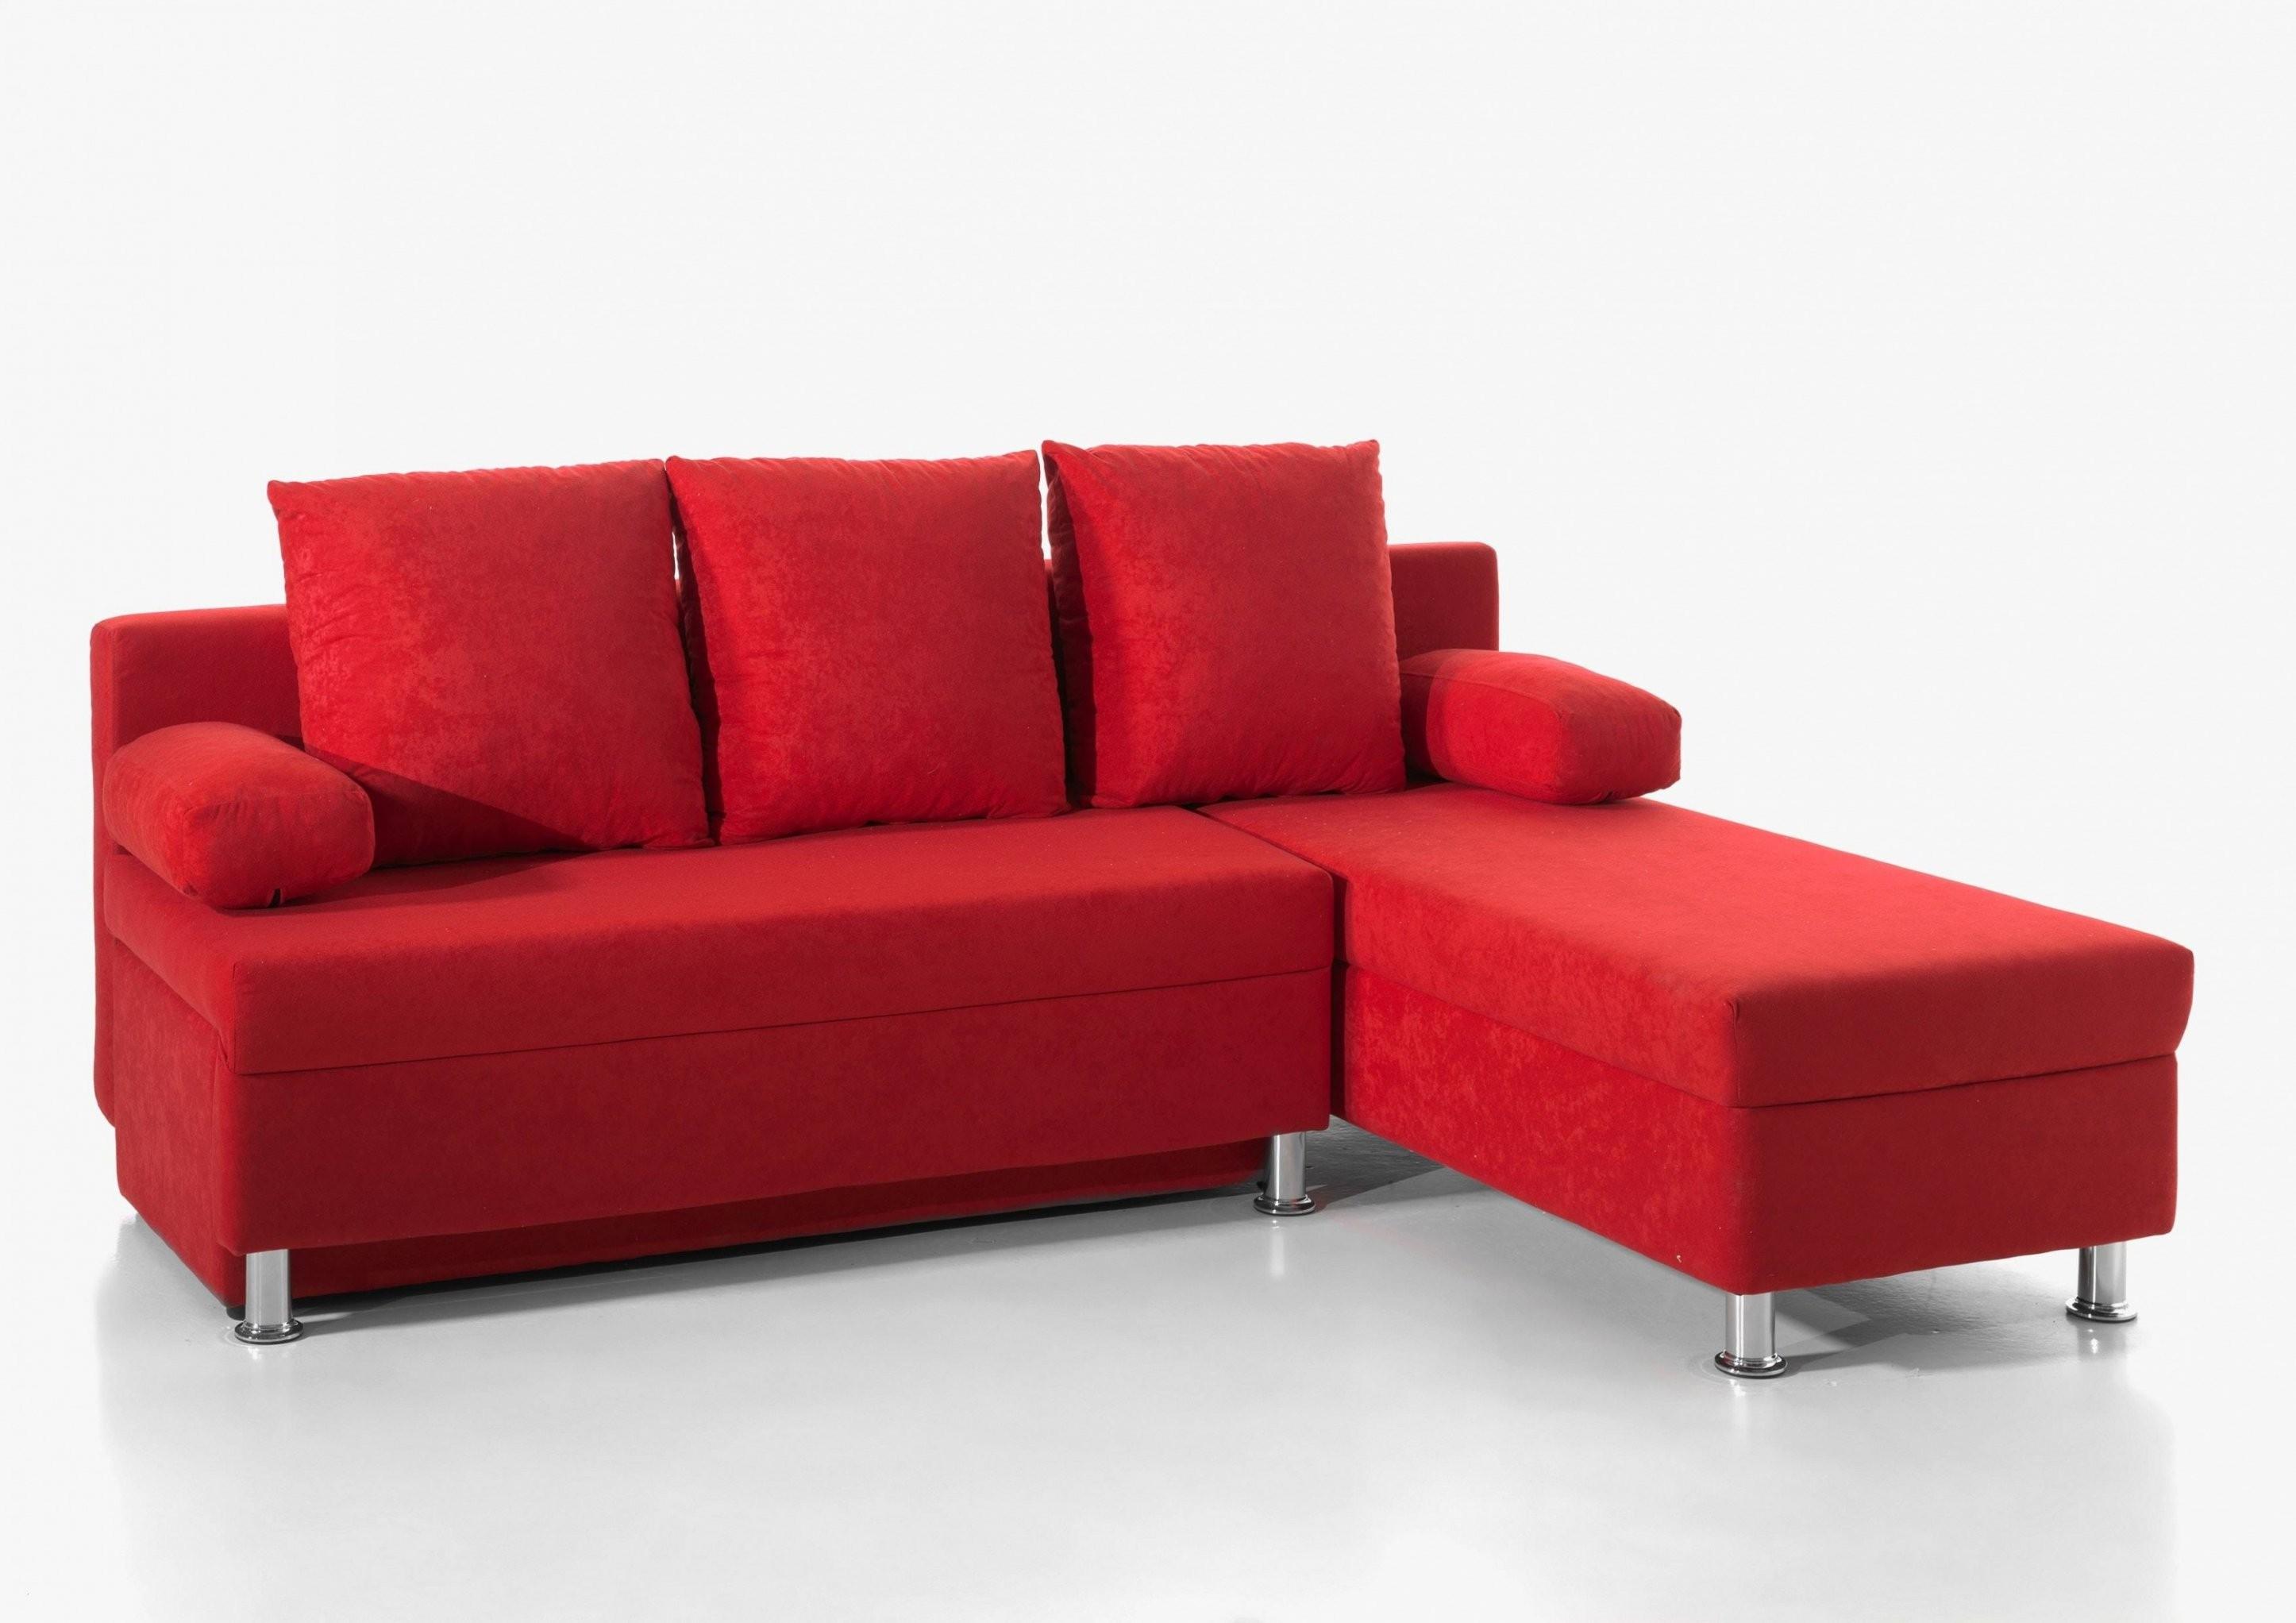 Ecksofa Mit Schlaffunktion Für Kleine Räume Luxus Kleine Sofas Für von Ecksofa Mit Schlaffunktion Für Kleine Räume Photo